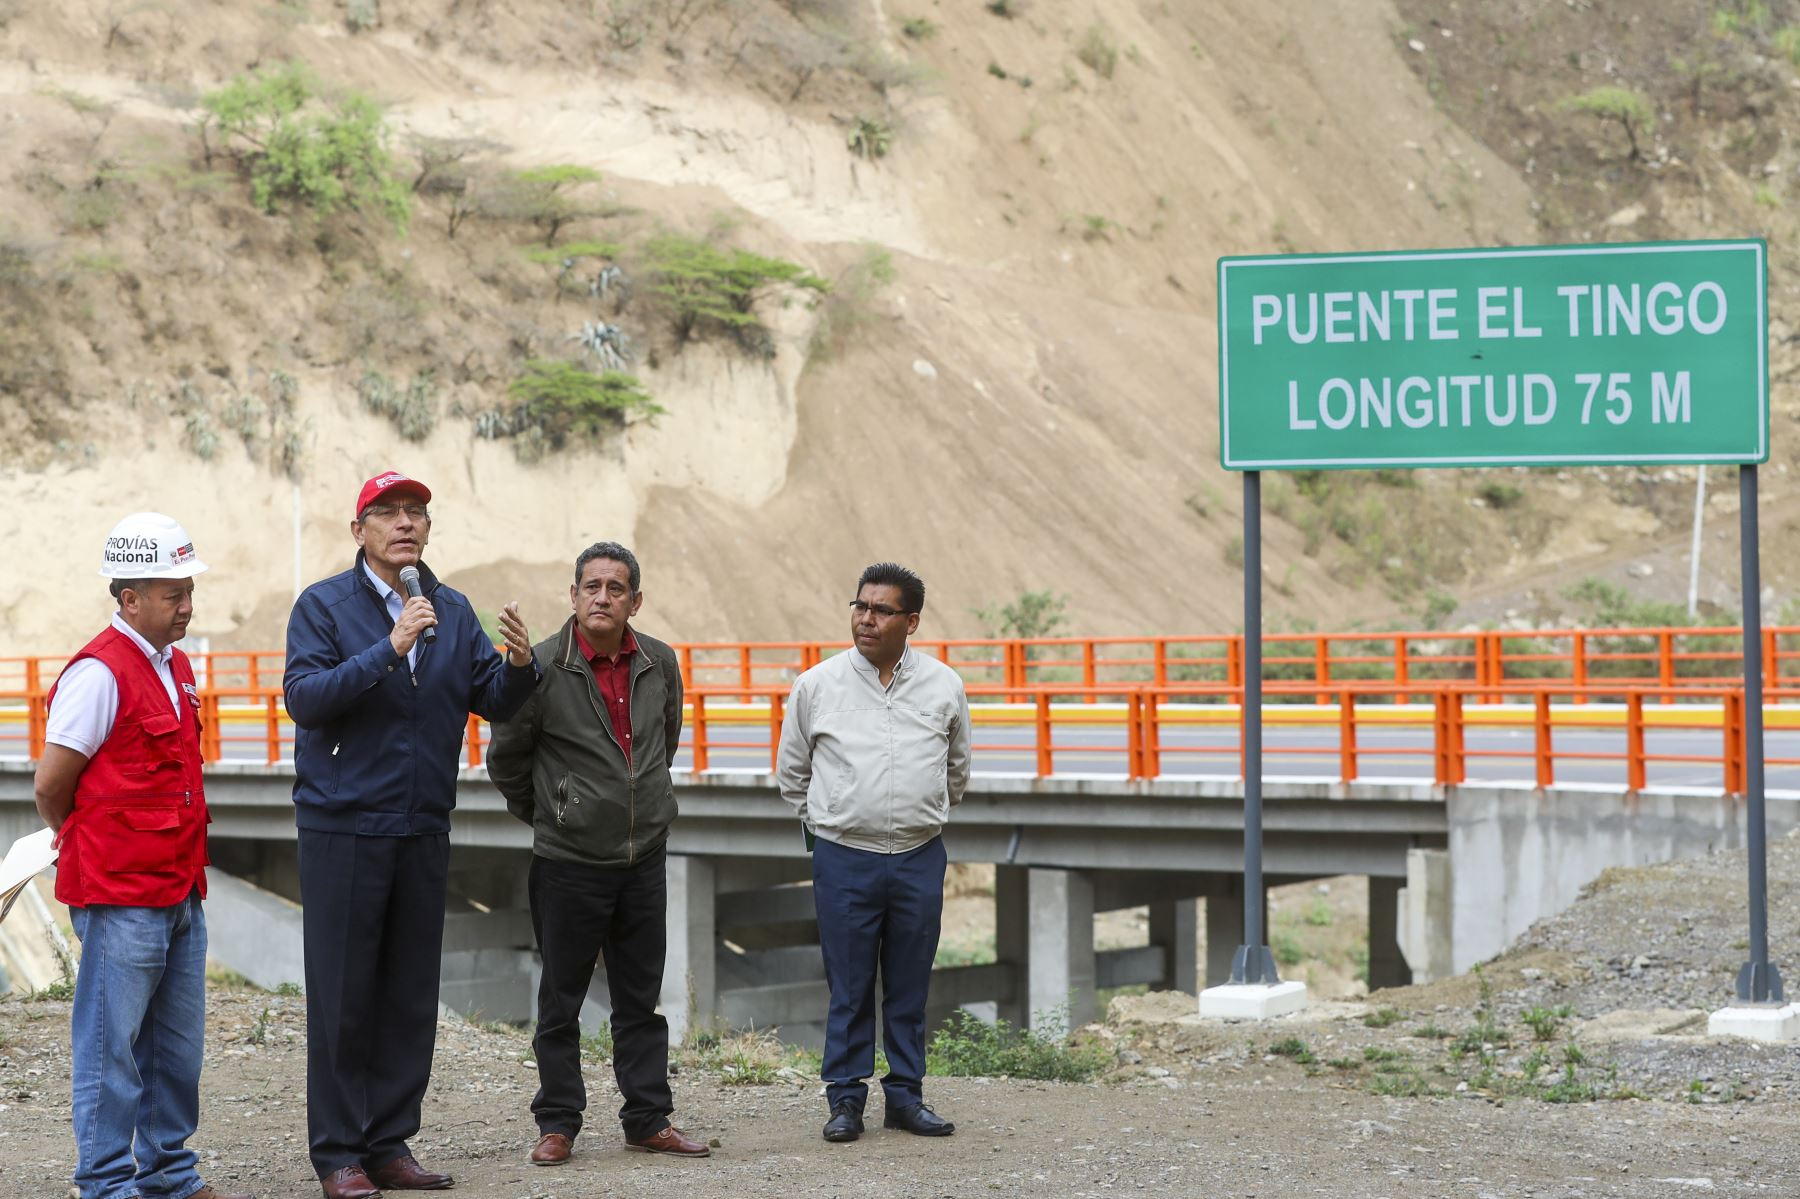 Presidente Vizcarra, Inaugura el puente Tingo, principal vía de acceso a la ciudad de Cajamarca. Foto: ANDINA/ Prensa Presidencia